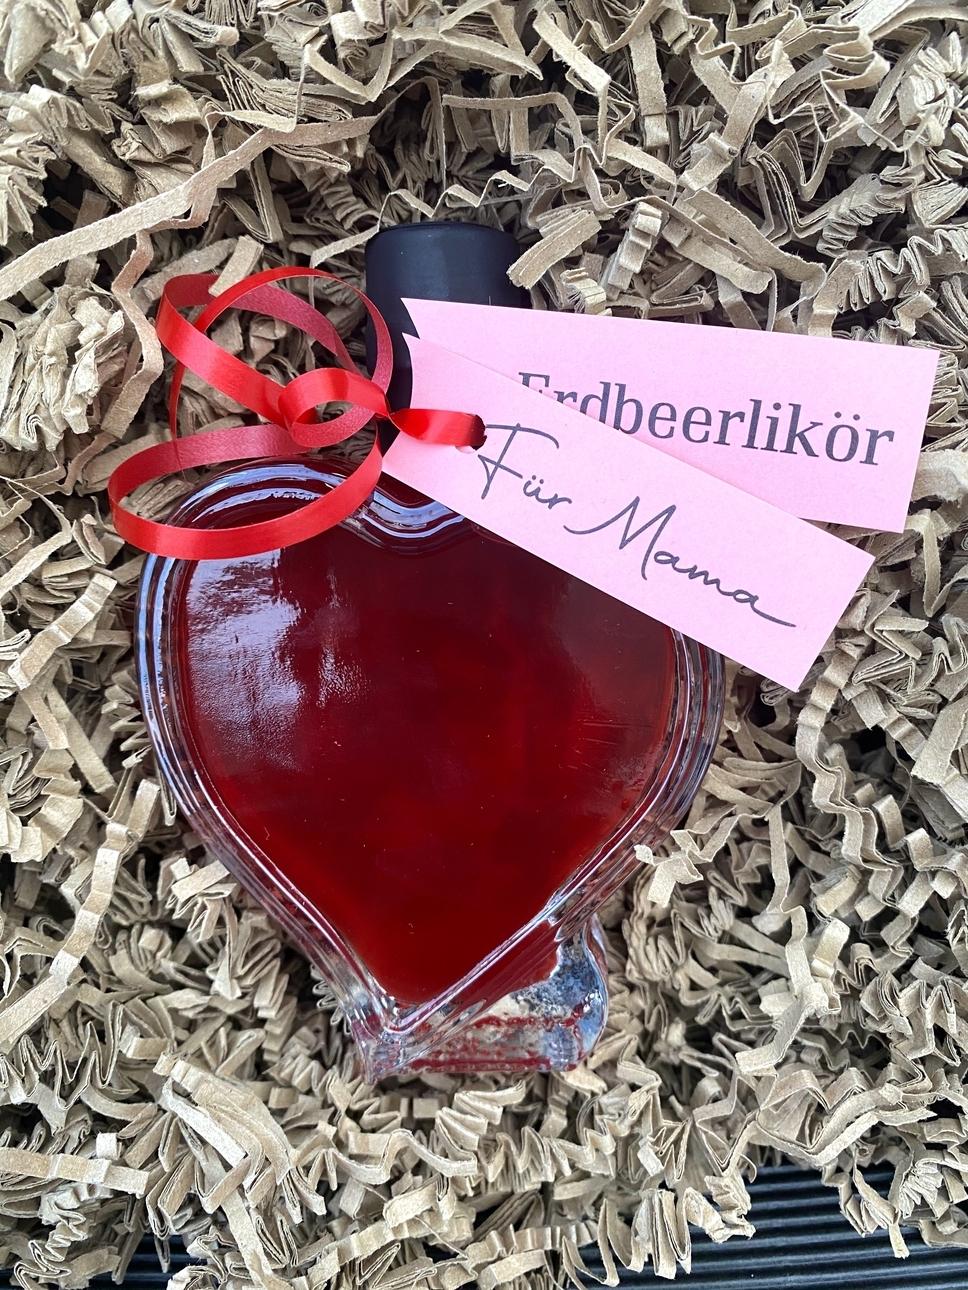 Erdbeerhof Wunderlich - Erdbeerlikör